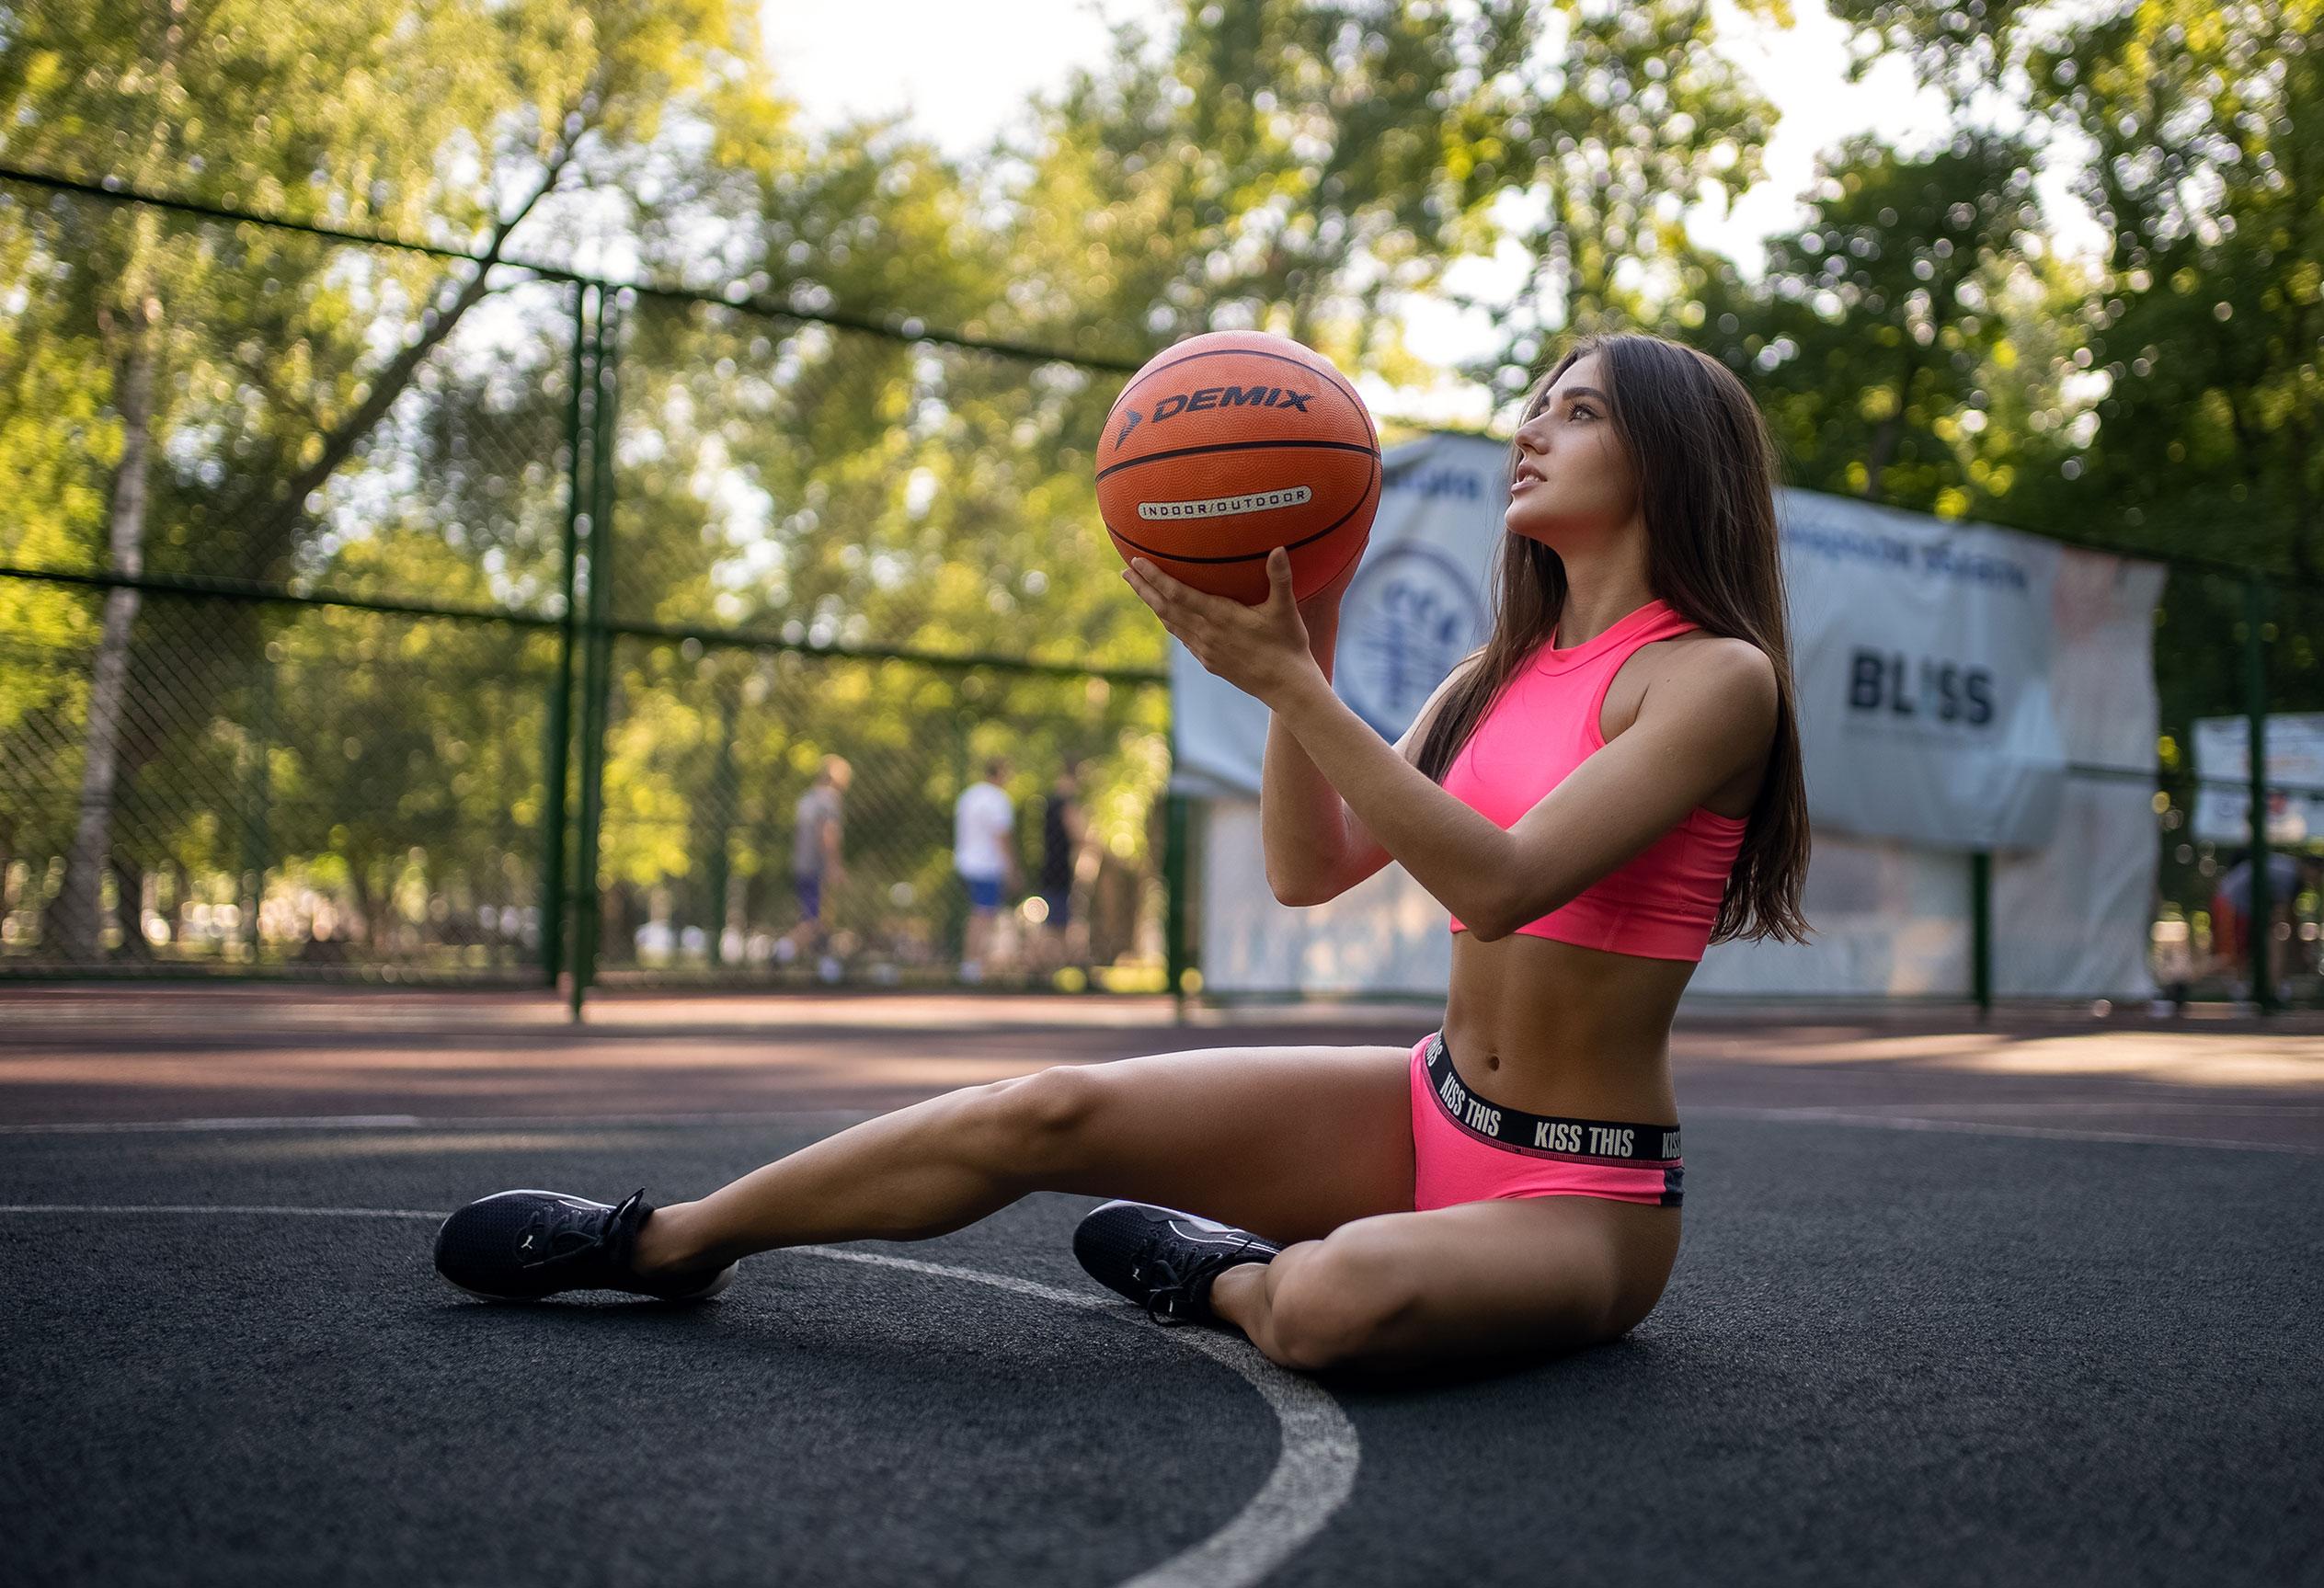 Алина Науменко на баскетбольной площадке / фото 07